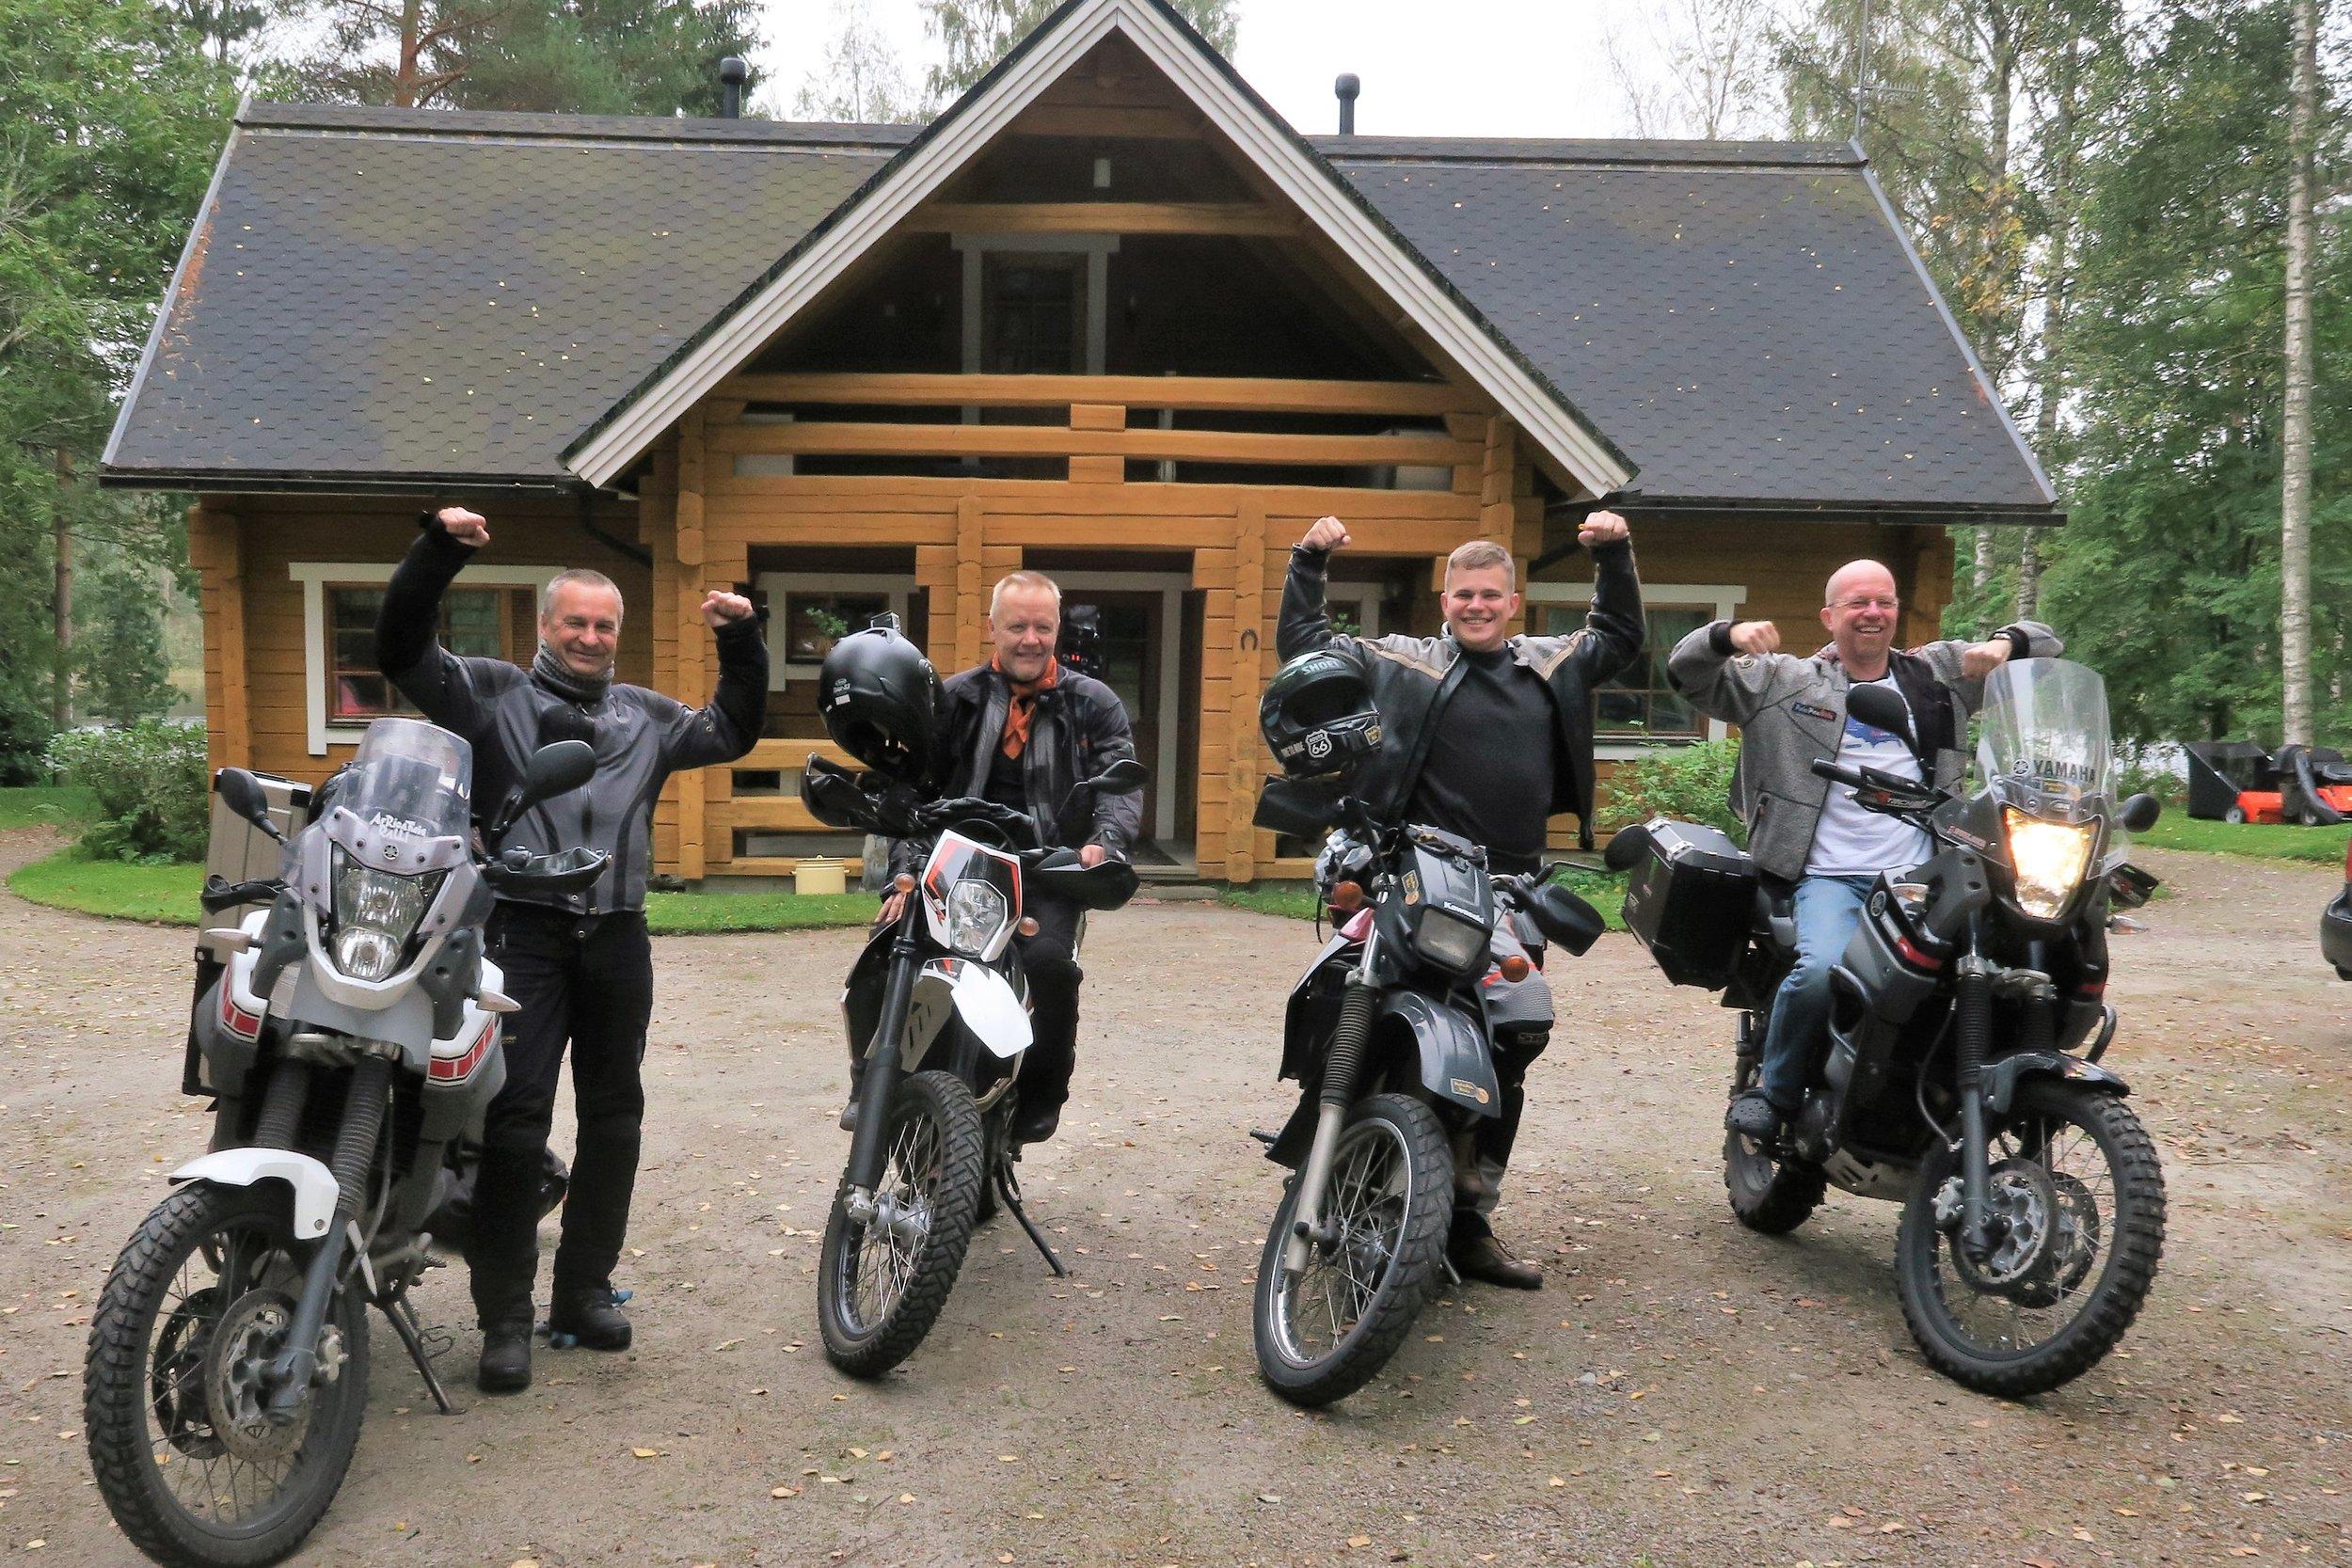 PeterPanBiken tutkimusryhmä lähtövalmiina vasemmalta oikealle: Pekka (Yamaha Tenere 660), Matti (KTM Enduro 690), Dani (Kawasaki KLR650) ja Peter (Yamaha Tenere 660)